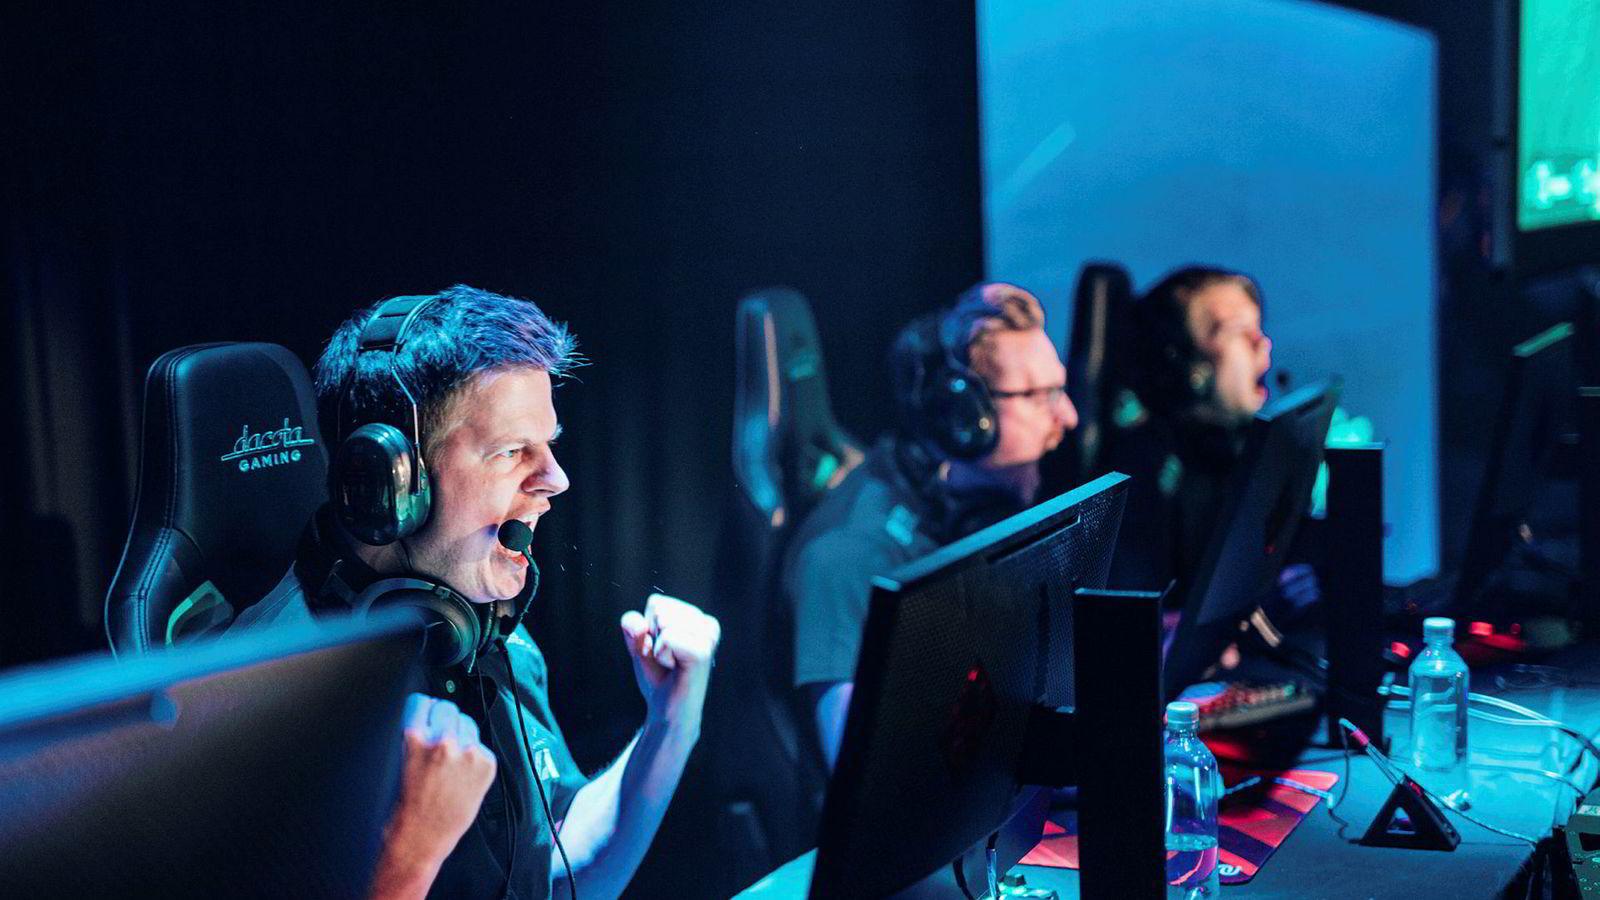 Lagleder Anders «aNdz» Kjær (foran) og resten av Counter-Strike-laget Apeks har nettopp vunnet finalen i Telialigaen søndag, som er å regne som et norgesmesterskap. Laget var ikke forhåndsfavoritter og seieren ga dermed en god avkastning for seere som veddet penger på at de skulle vinne.